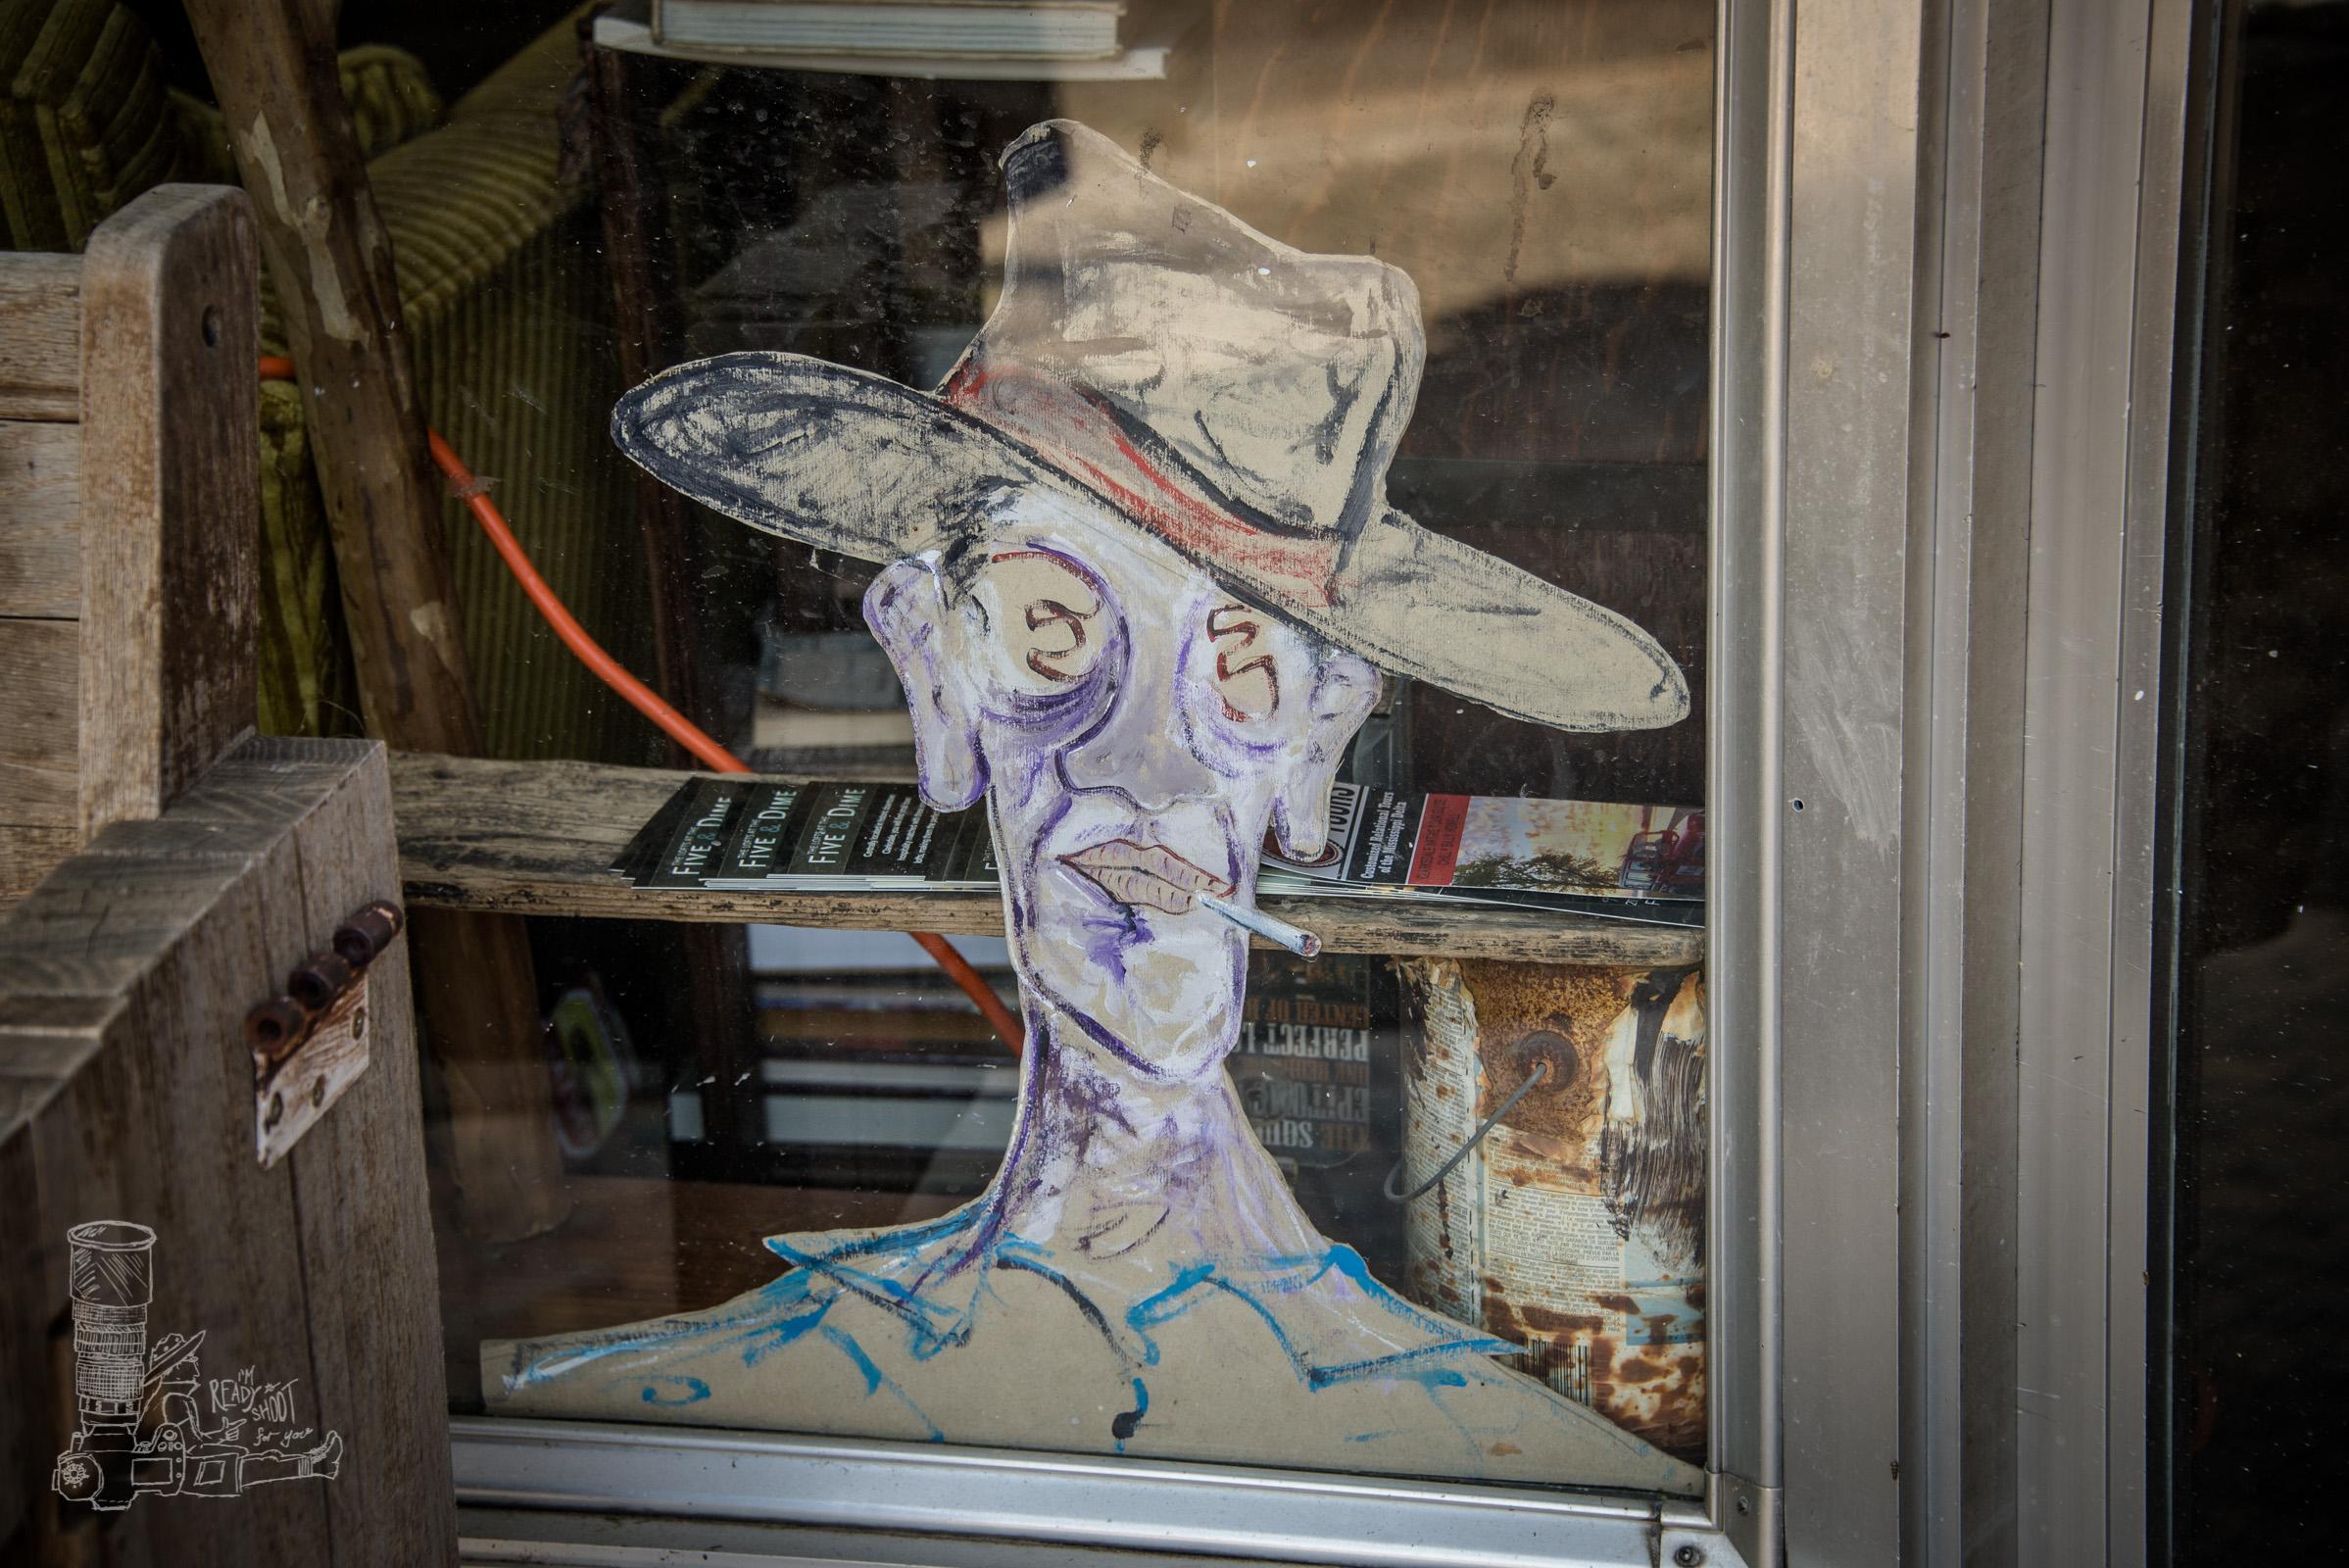 Art in the Window